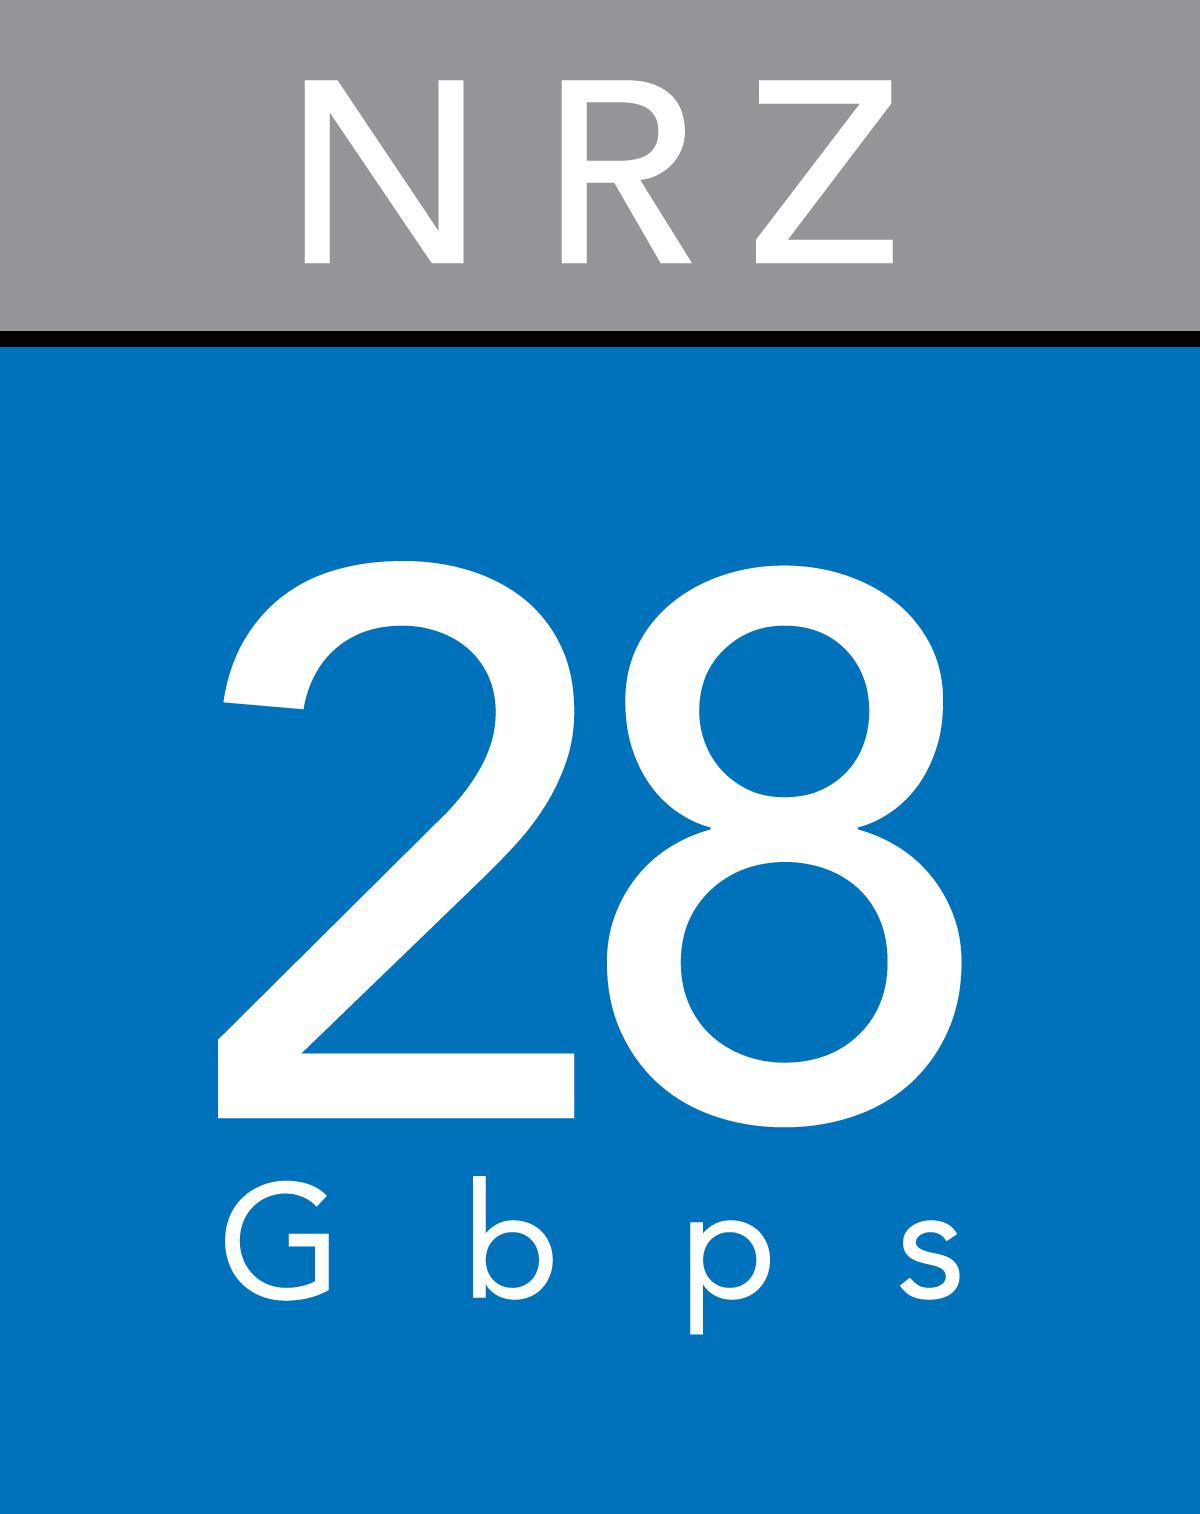 qsfp 28gbps